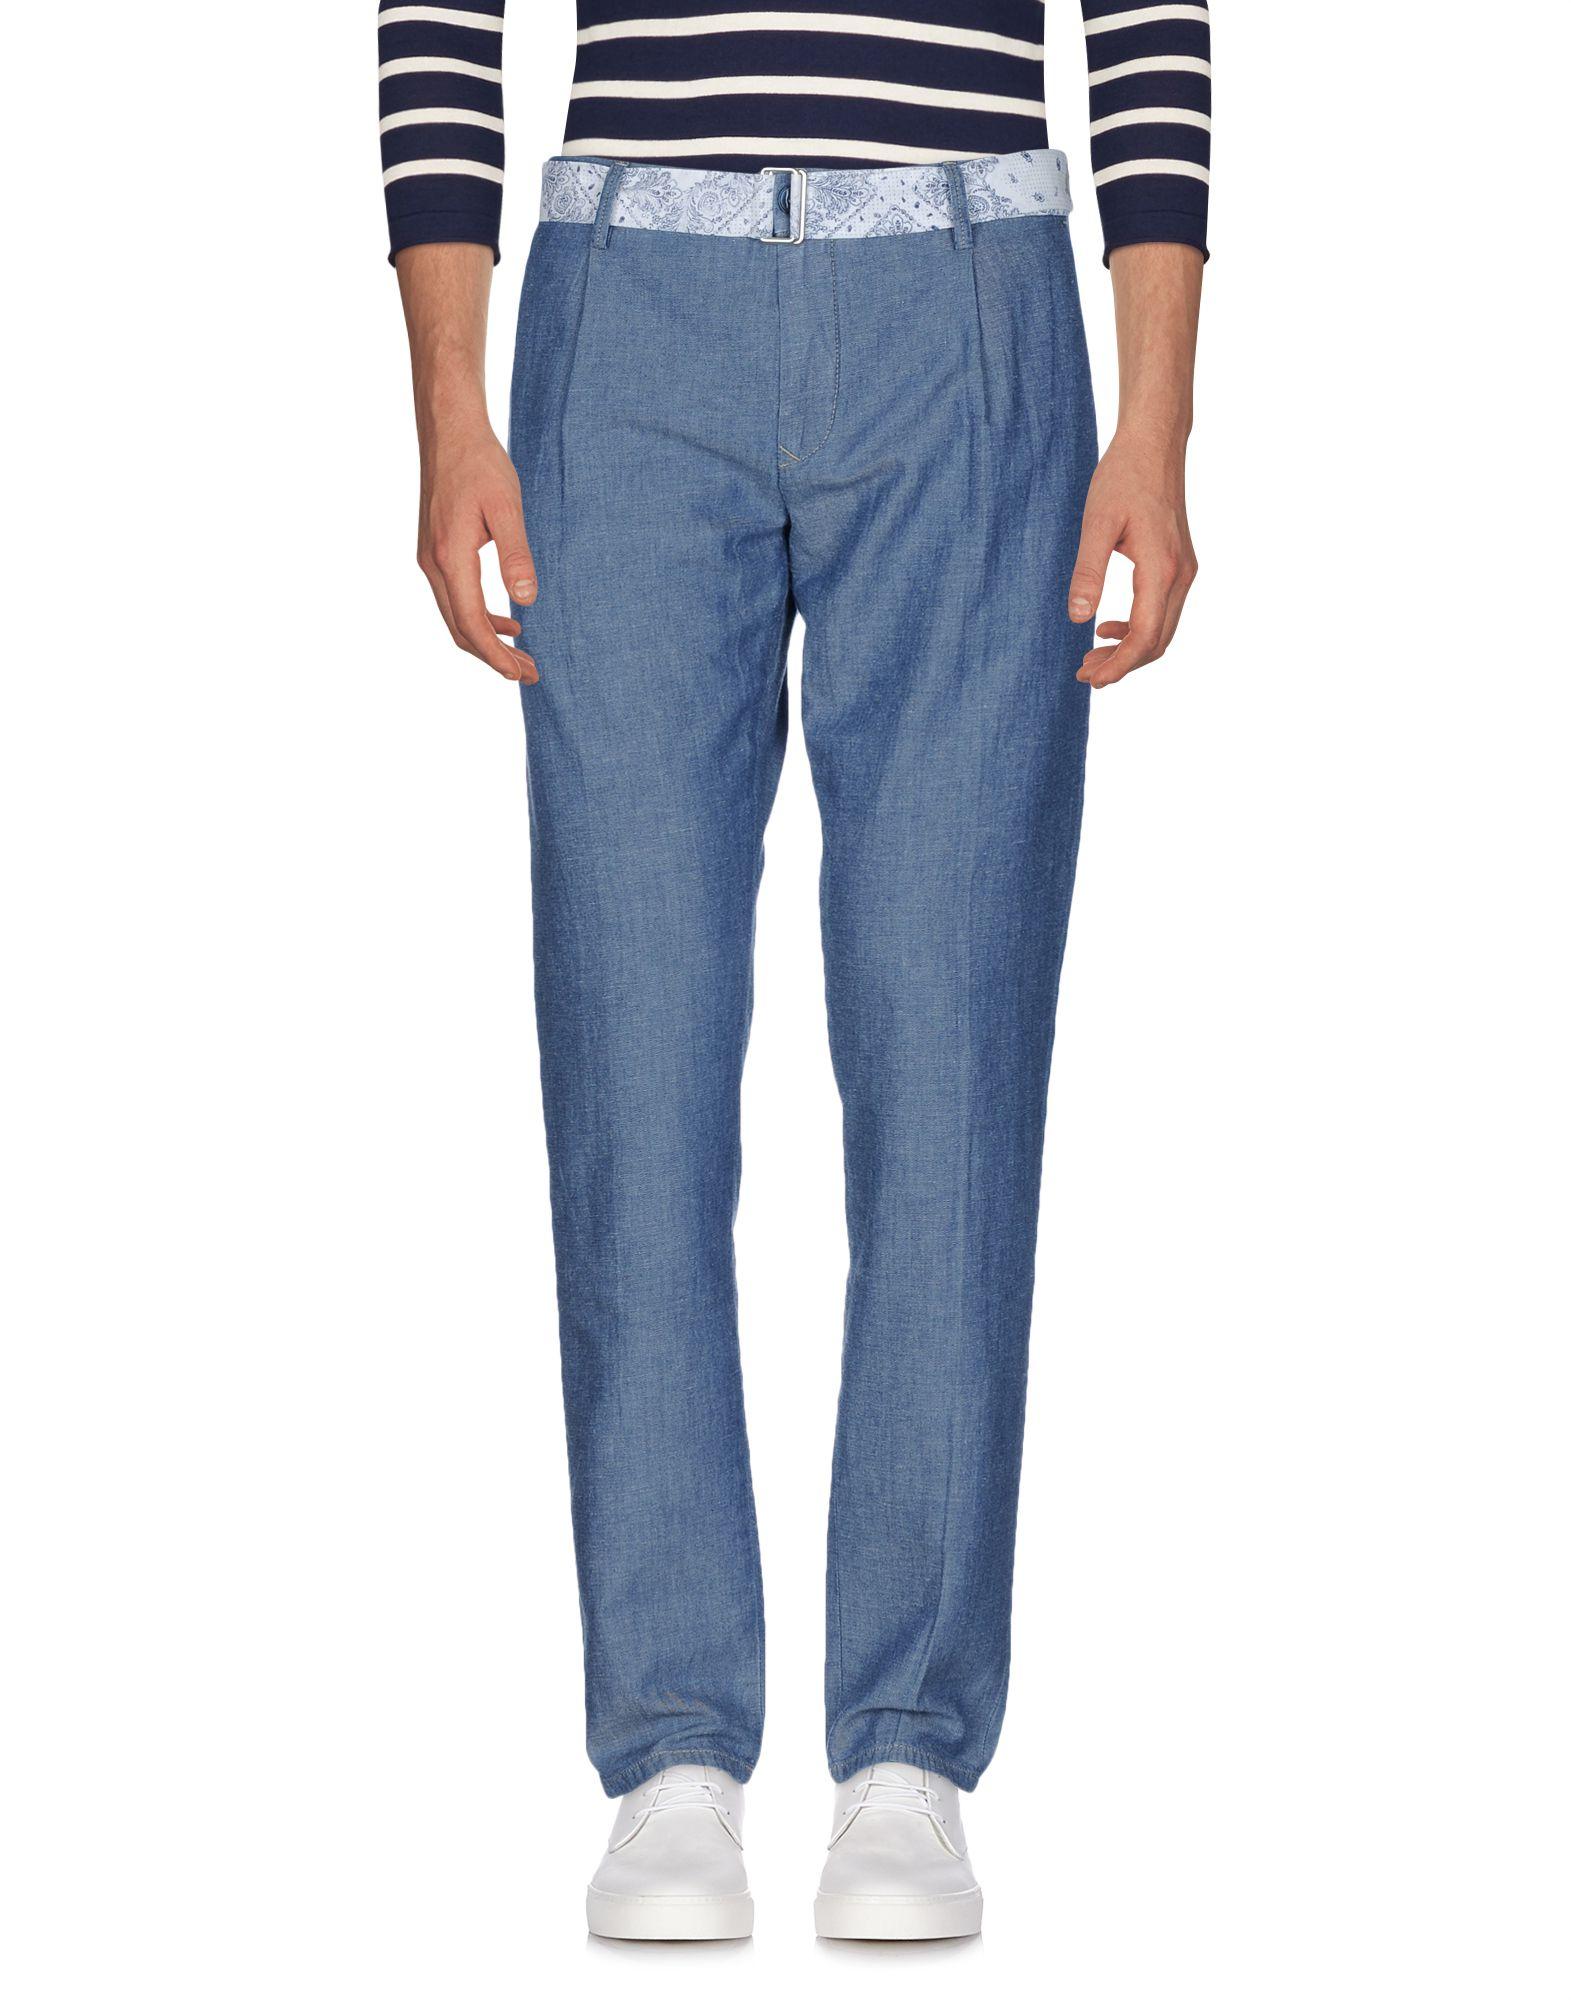 SIVIGLIA Denim Pants in Blue